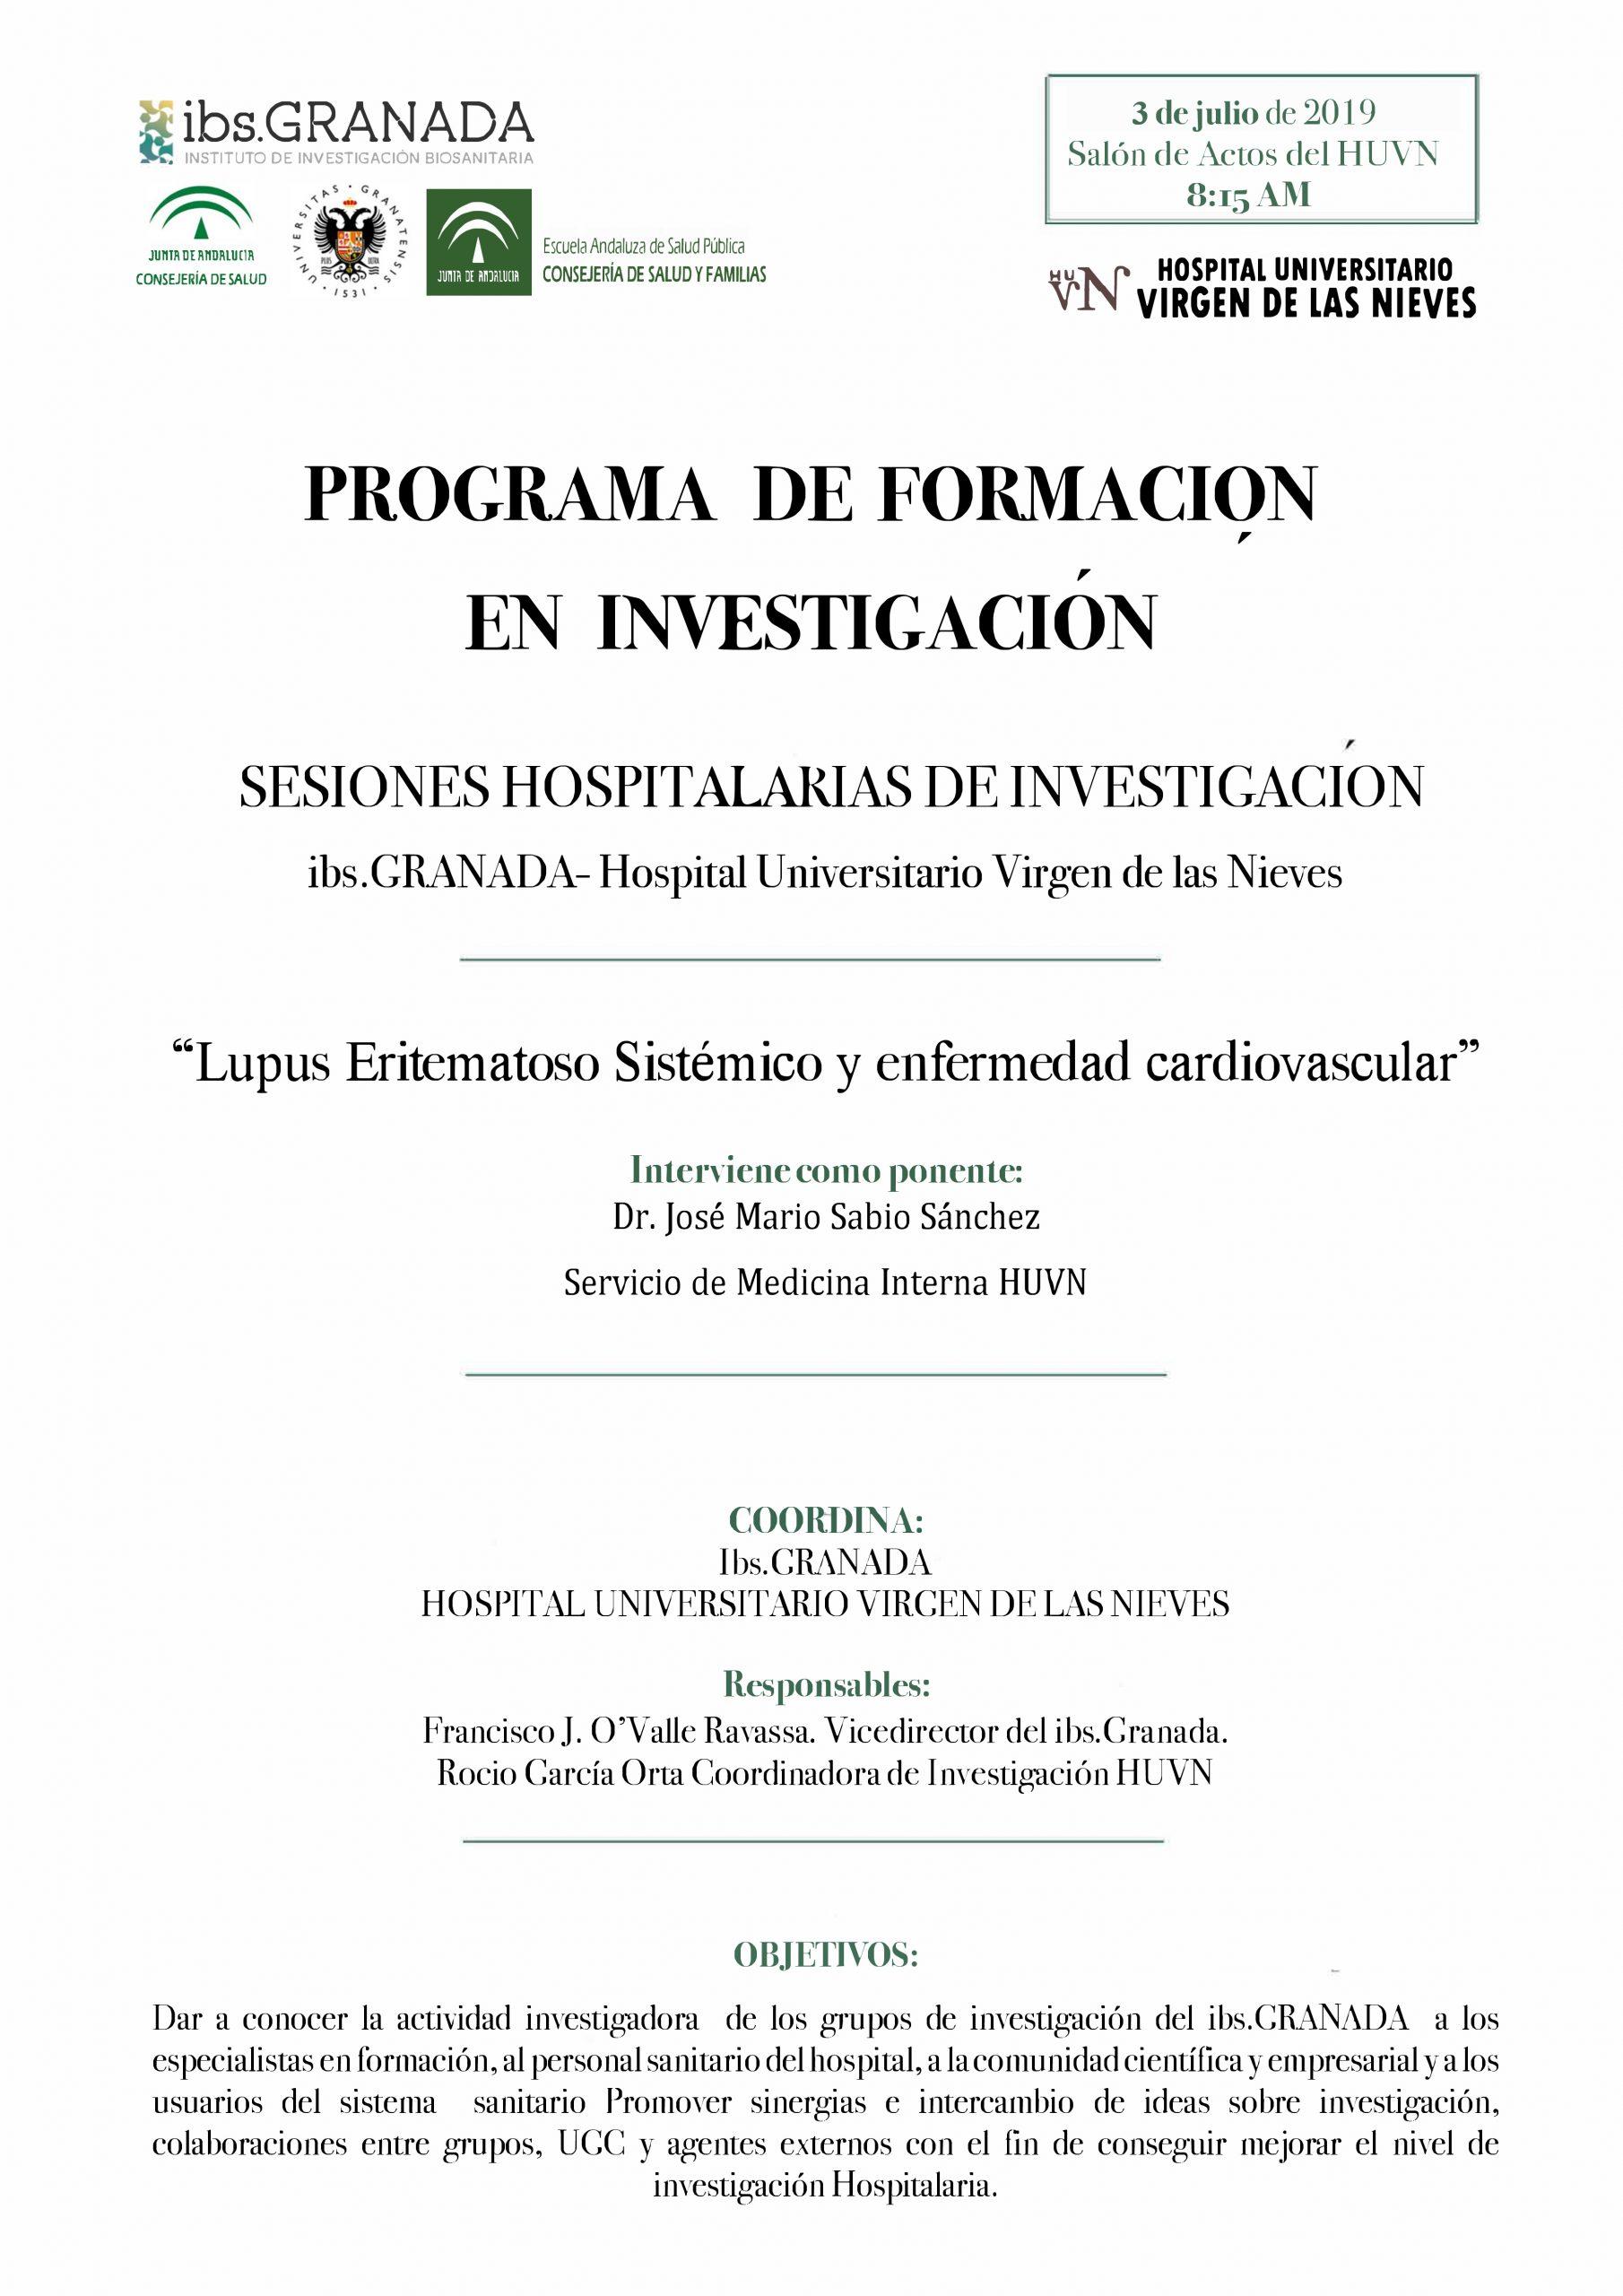 """Sesión Hospitalaria: """"Lupus Eritematoso Sitémico y enfermedad cardiovascular"""""""